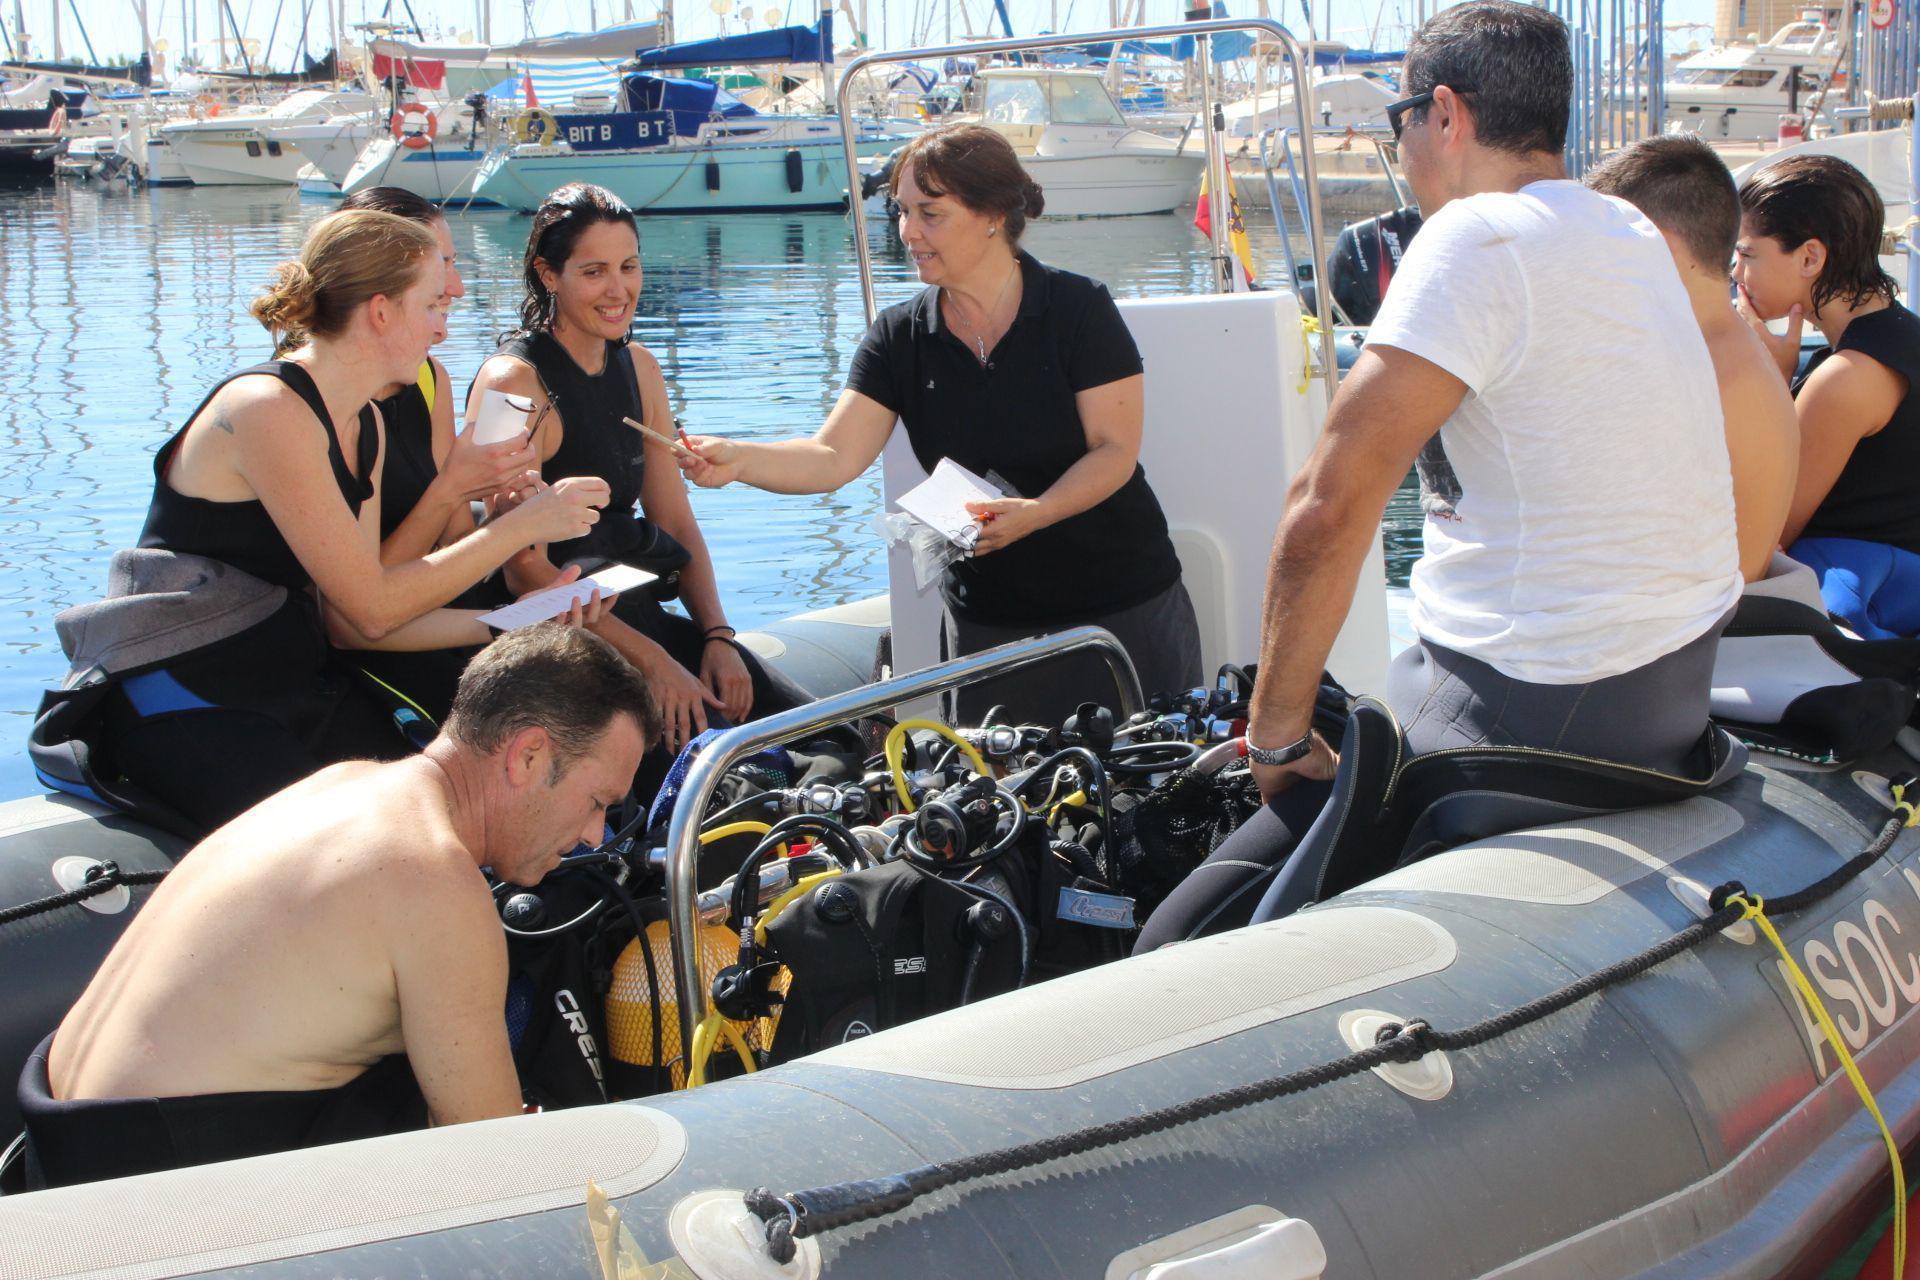 35 voluntarios participan en la jornada de limpieza y estudio de fondos marinos de Roquetas